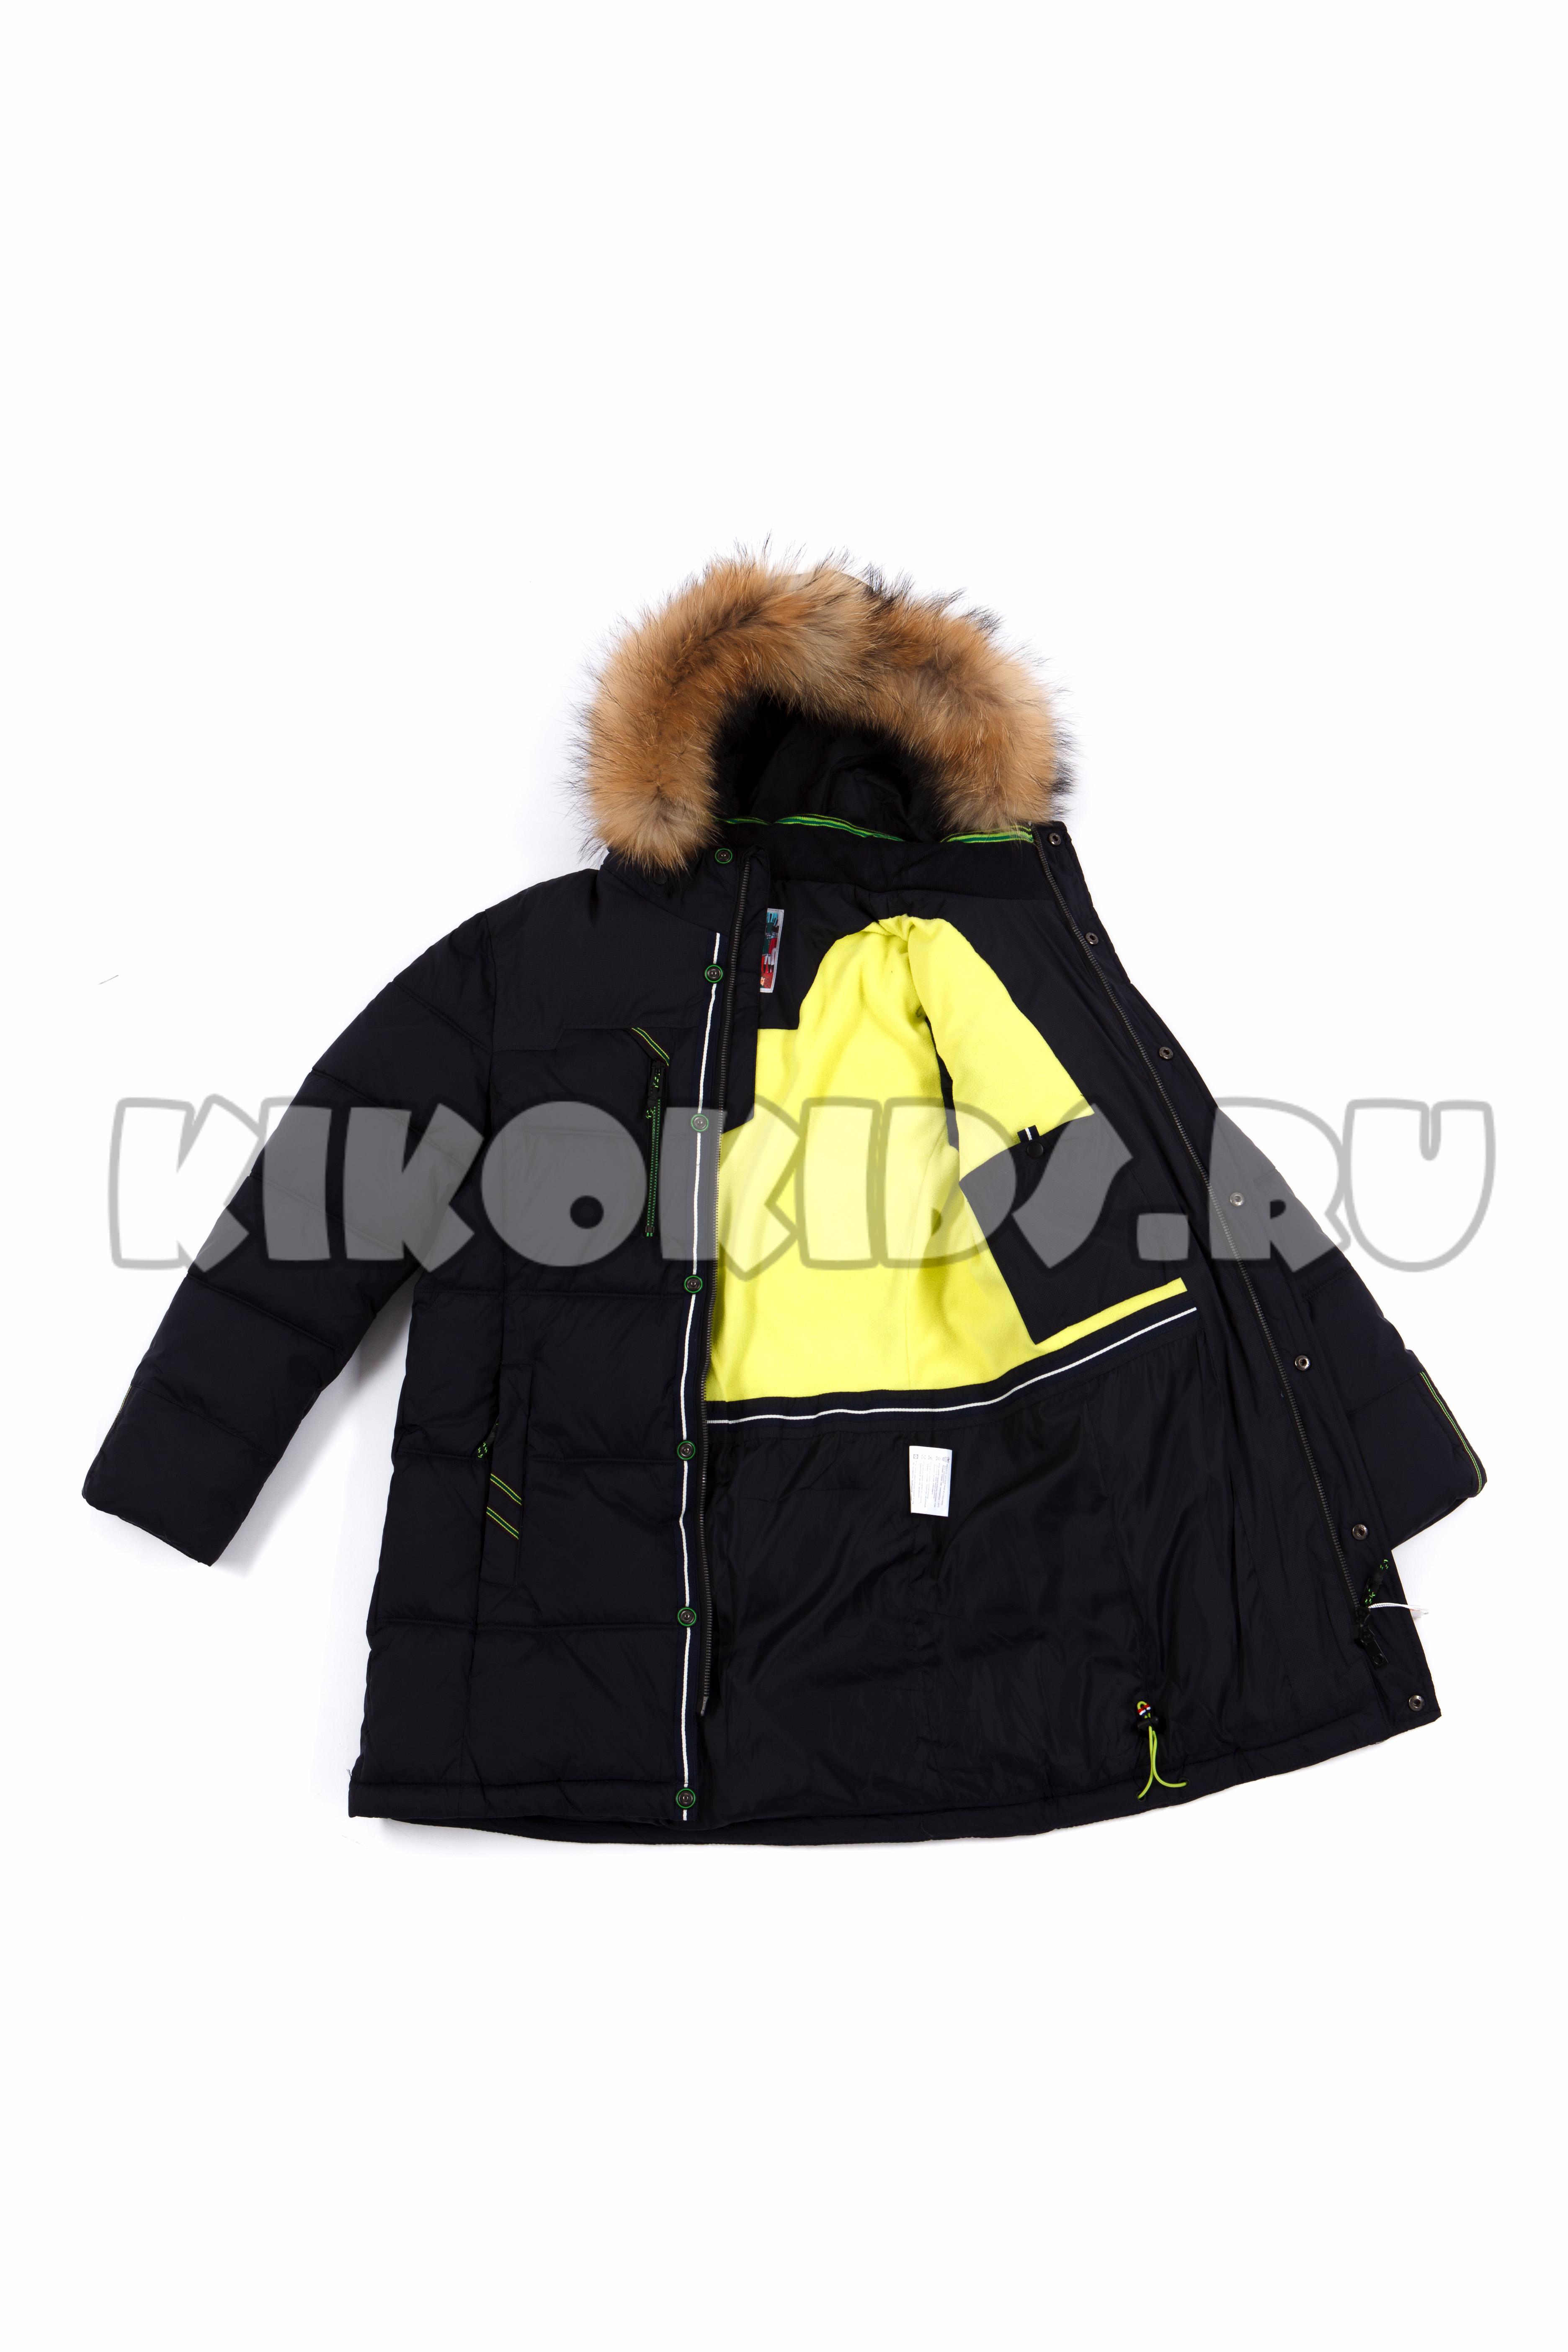 Купить Кико Куртку